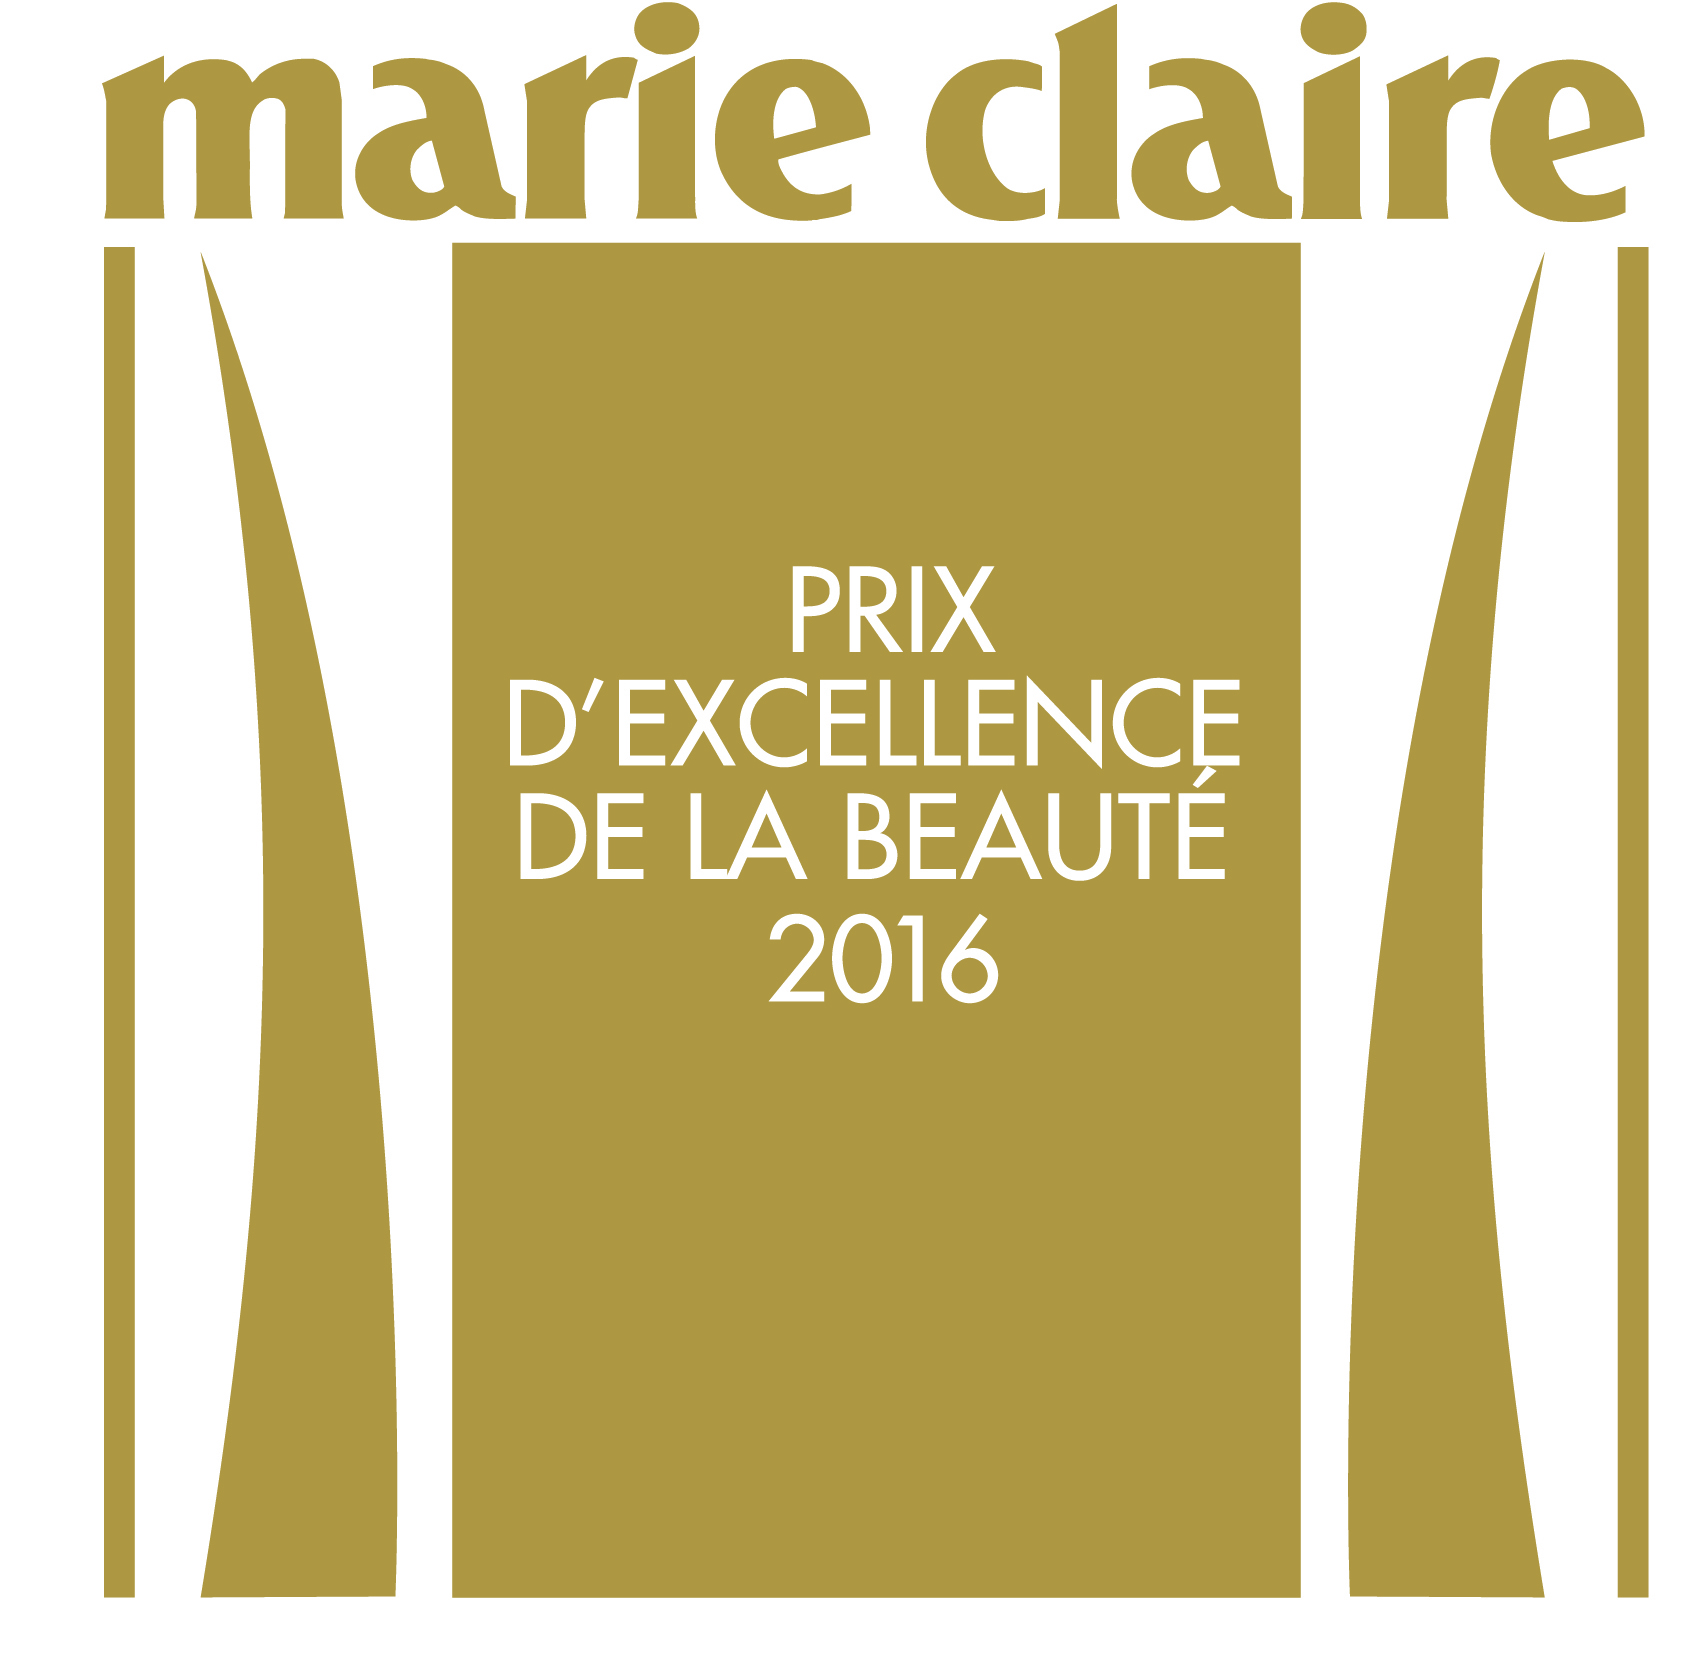 Лучшие косметические продукты года по версии Marie Claire-320x180